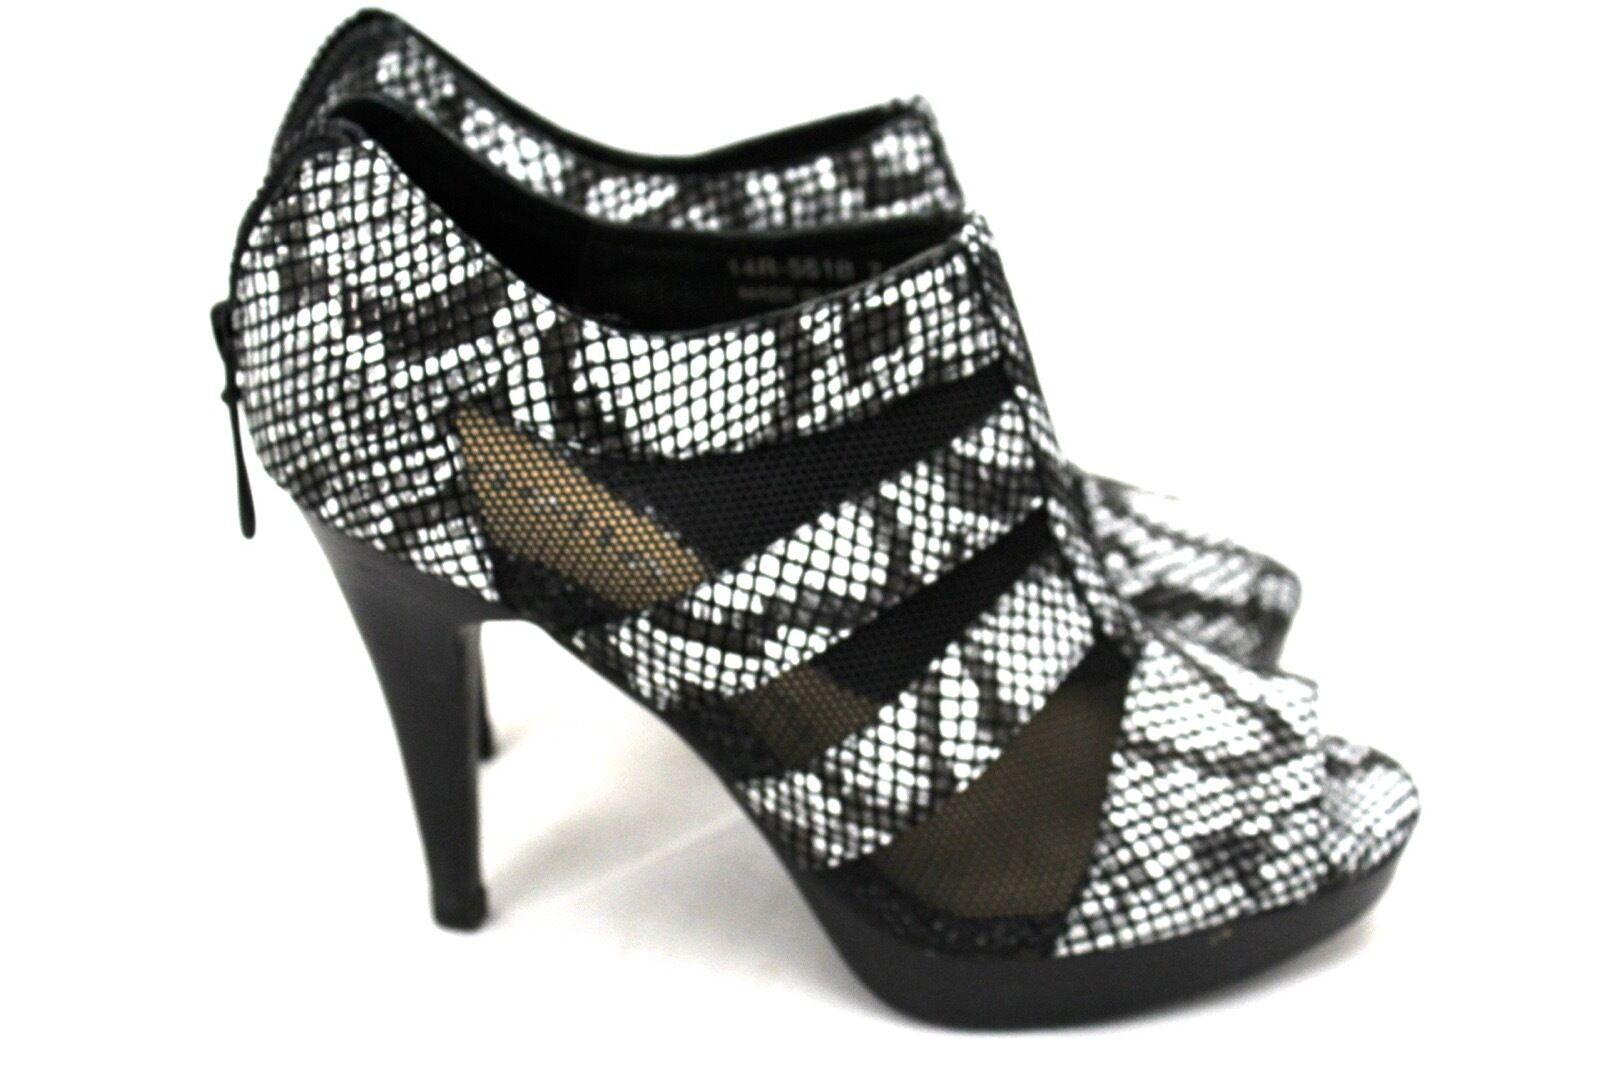 Nanette Lepore rester la nuit Talon Aiguille Mesh Chaussures Fermeture Éclair Bout Ouvert 7 M fabricants Standard prix de détail  378